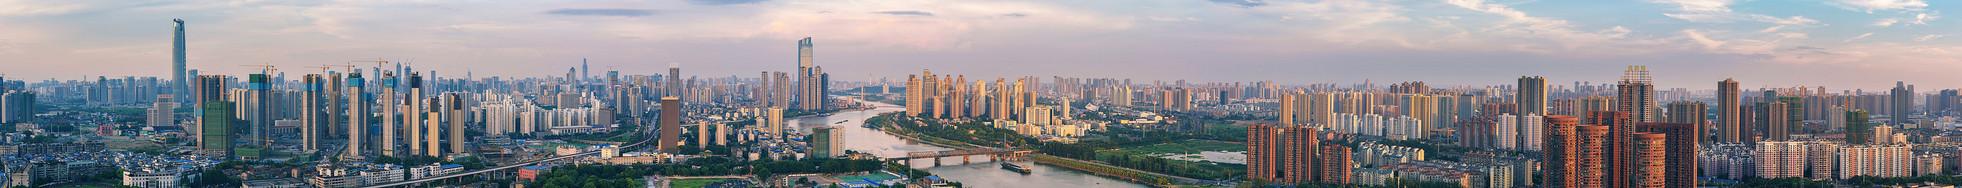 武汉城市风光全景接片图片